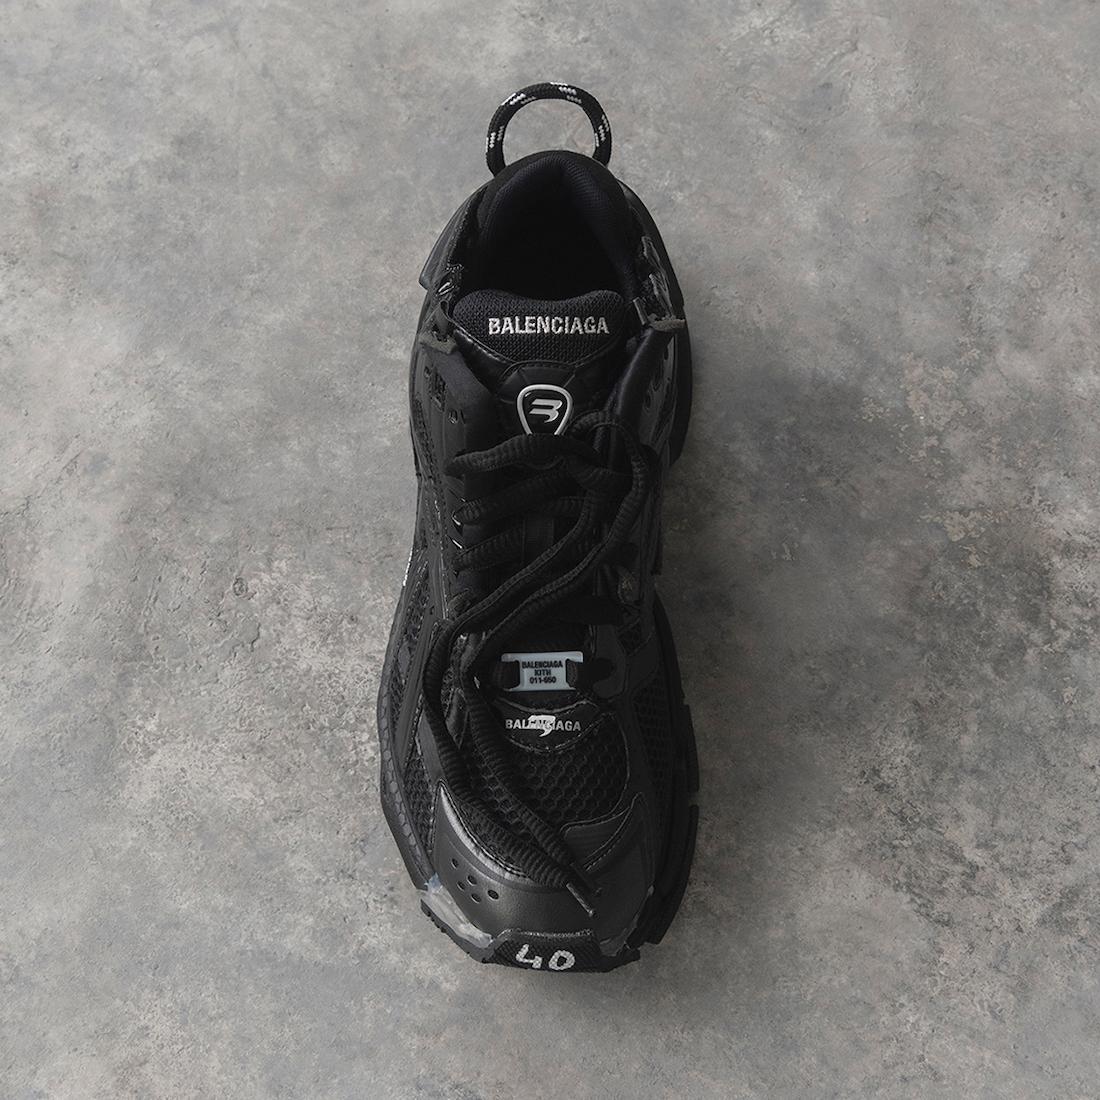 Balenciaga Runner Release Date Info